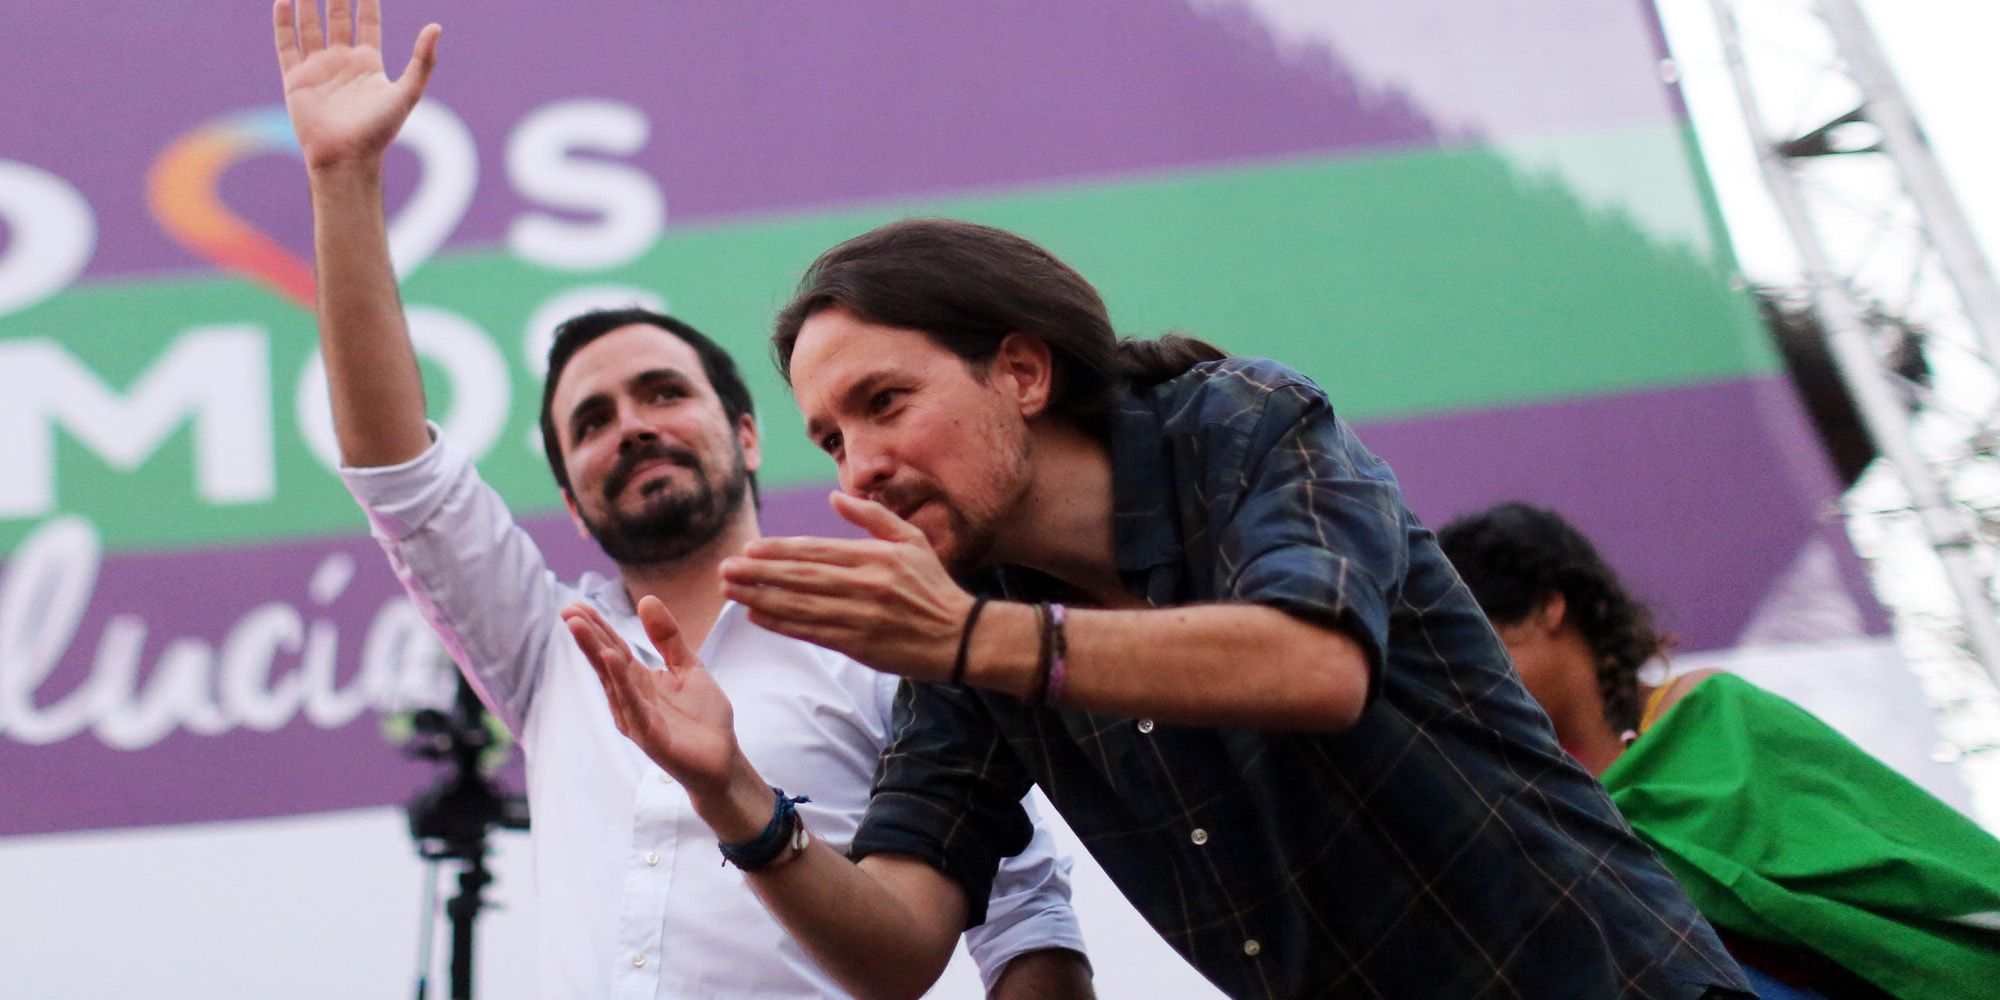 Pablo Iglesias en mitin de Unidos Podemos en la Alameda Vieja de Jerez de la Frontera   23 jun 2016   Juan Carlos Corchado para MIRA Jerez